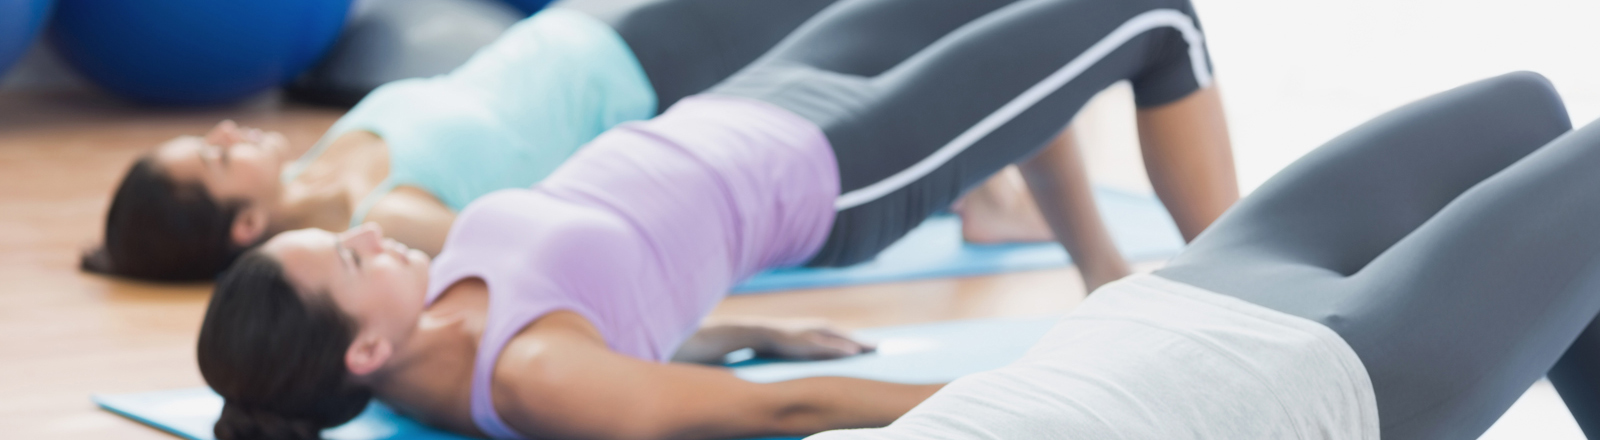 yoga terapeutico Palma